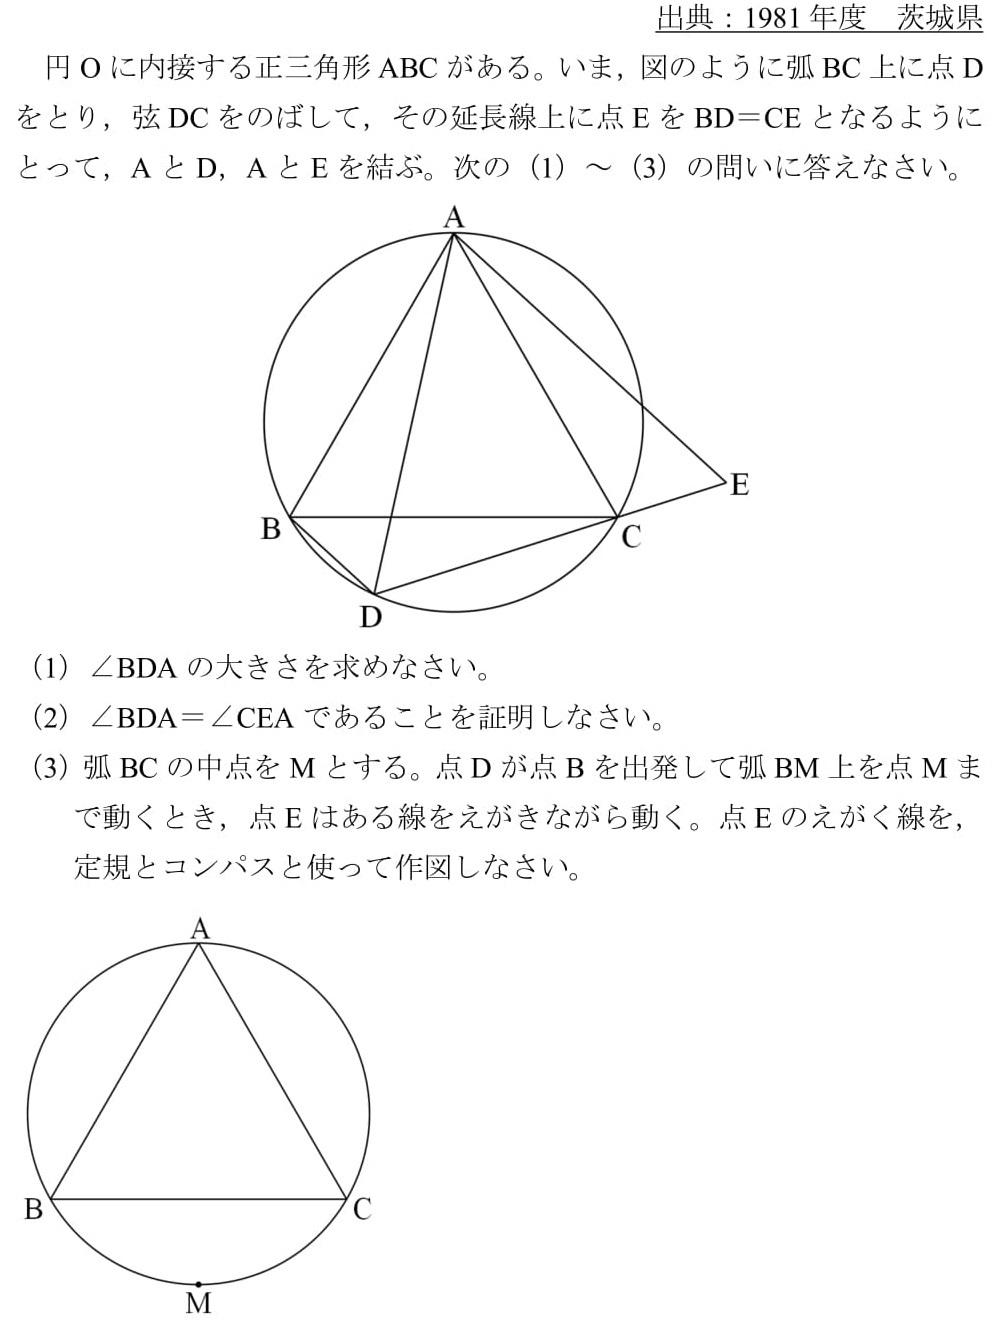 高校入試 円周角 良問 難問 誘導 作図 解答 解説 1981 茨城